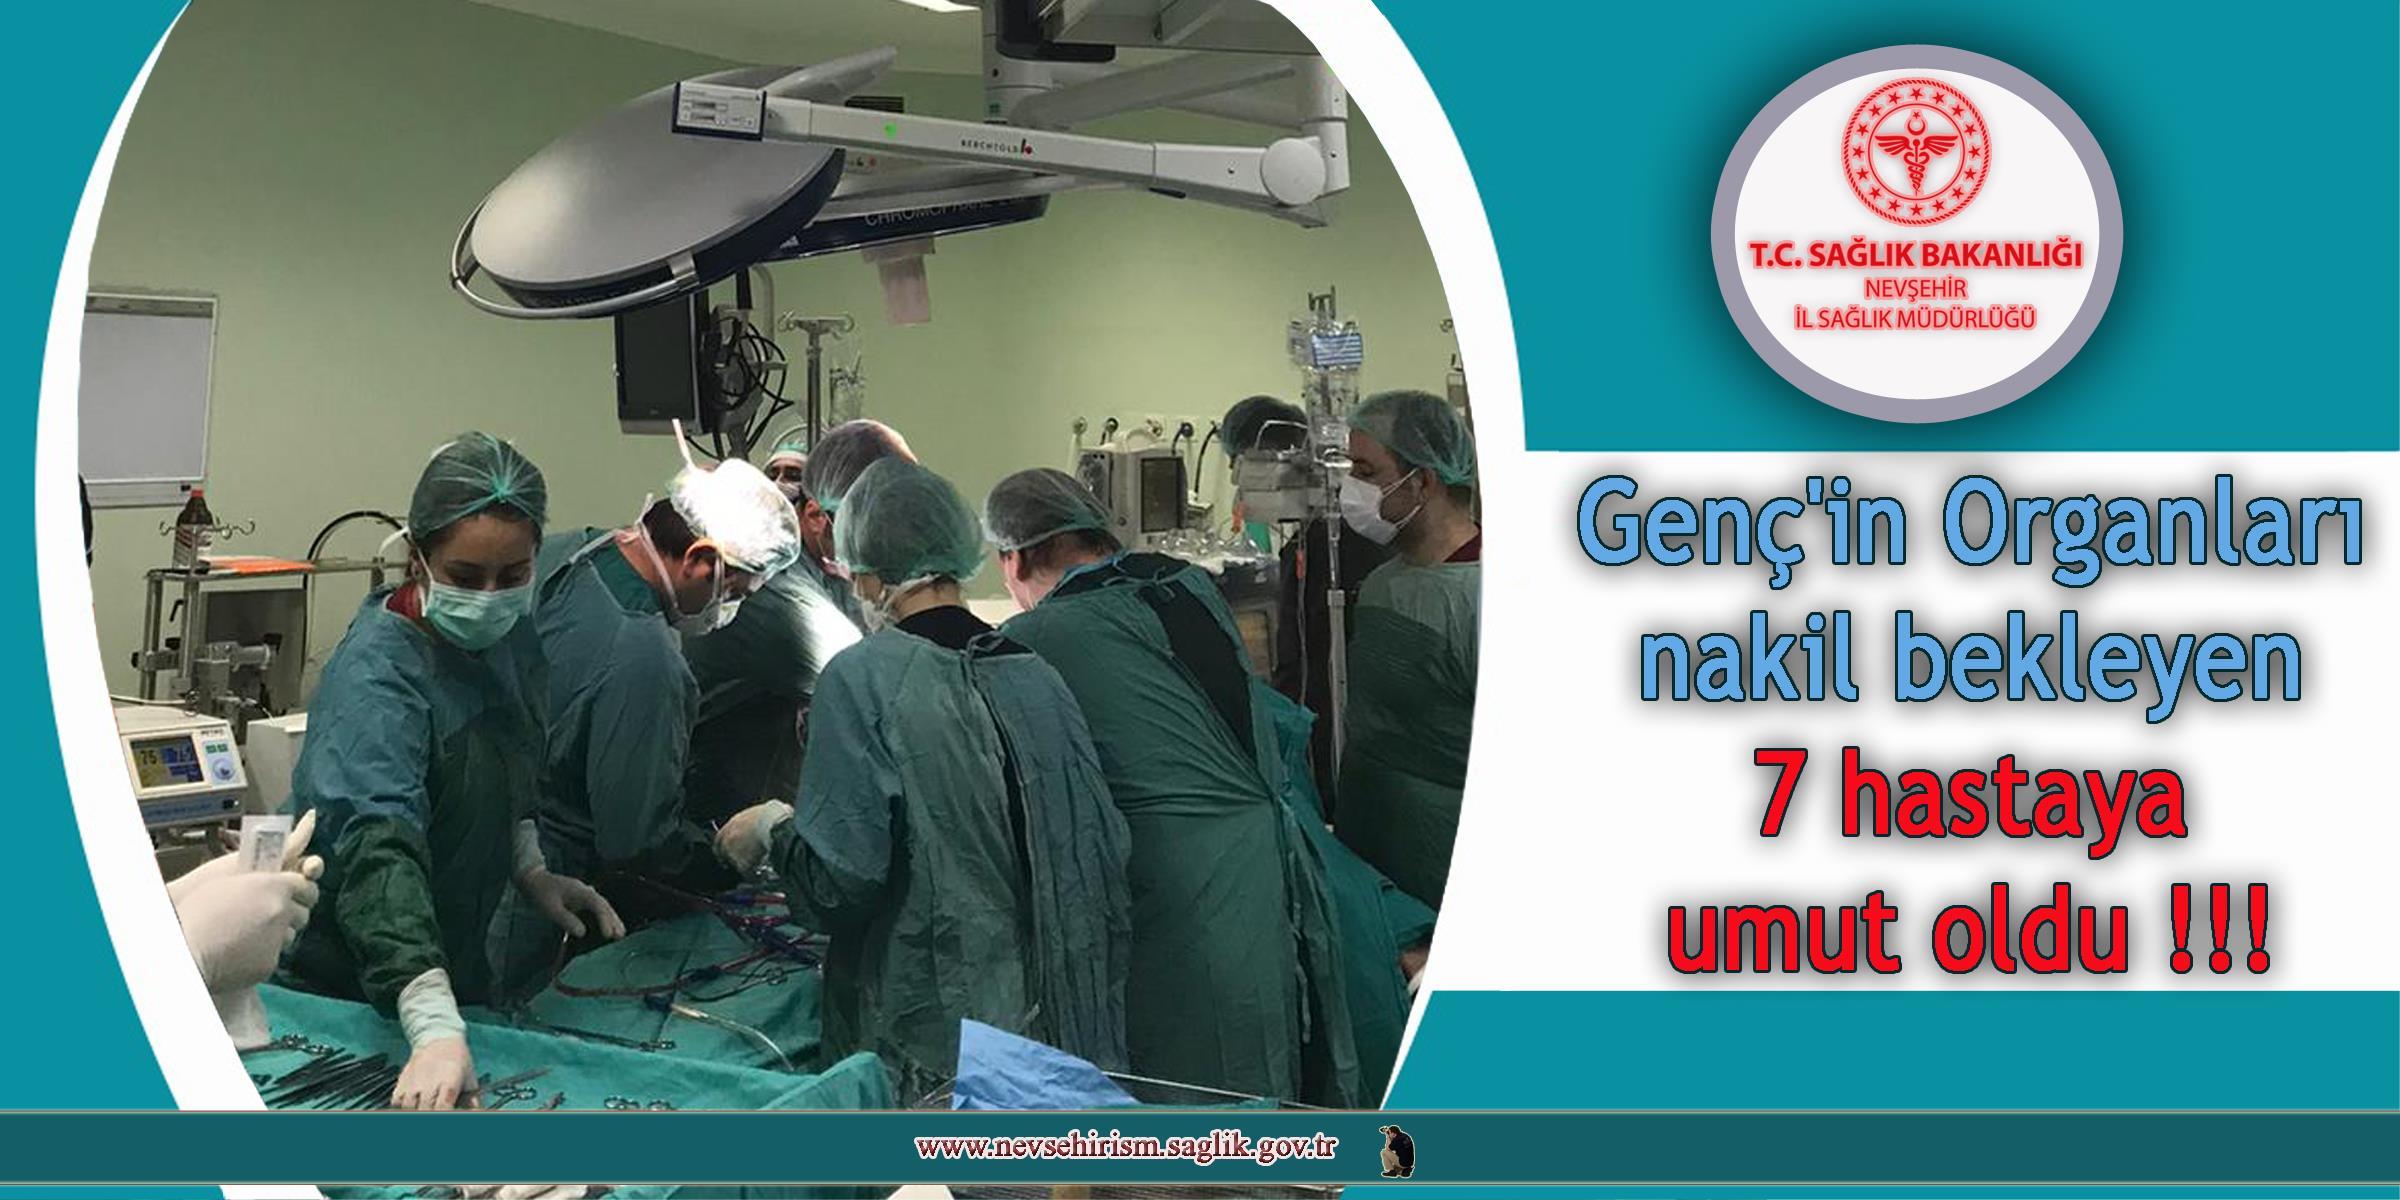 Gencin organları nakil bekleyen 7 hastaya umut oldu